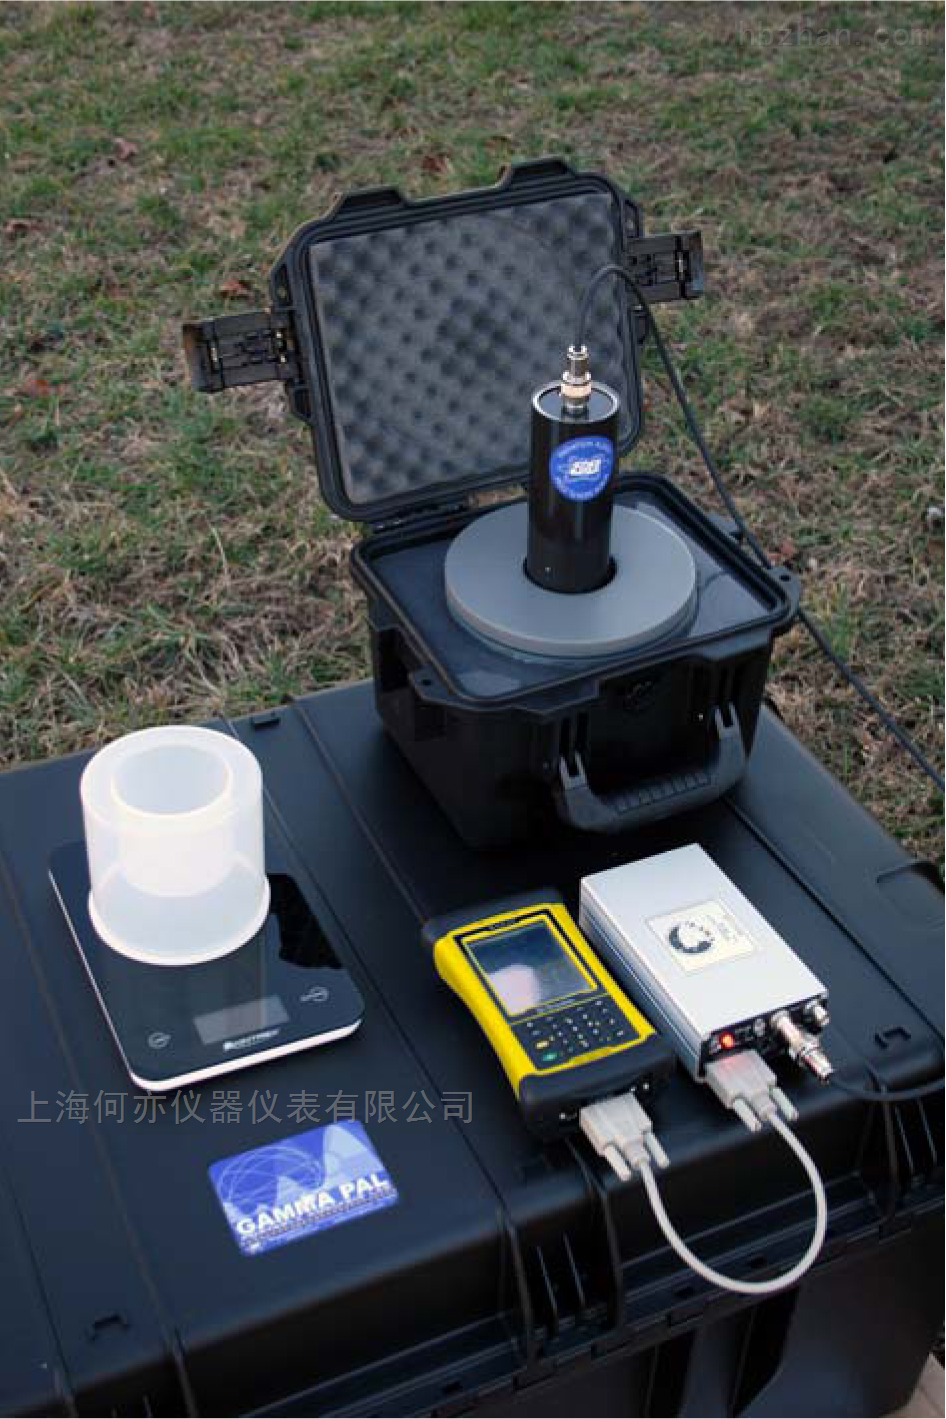 GammaPAL移动式辐射安全分析实验室